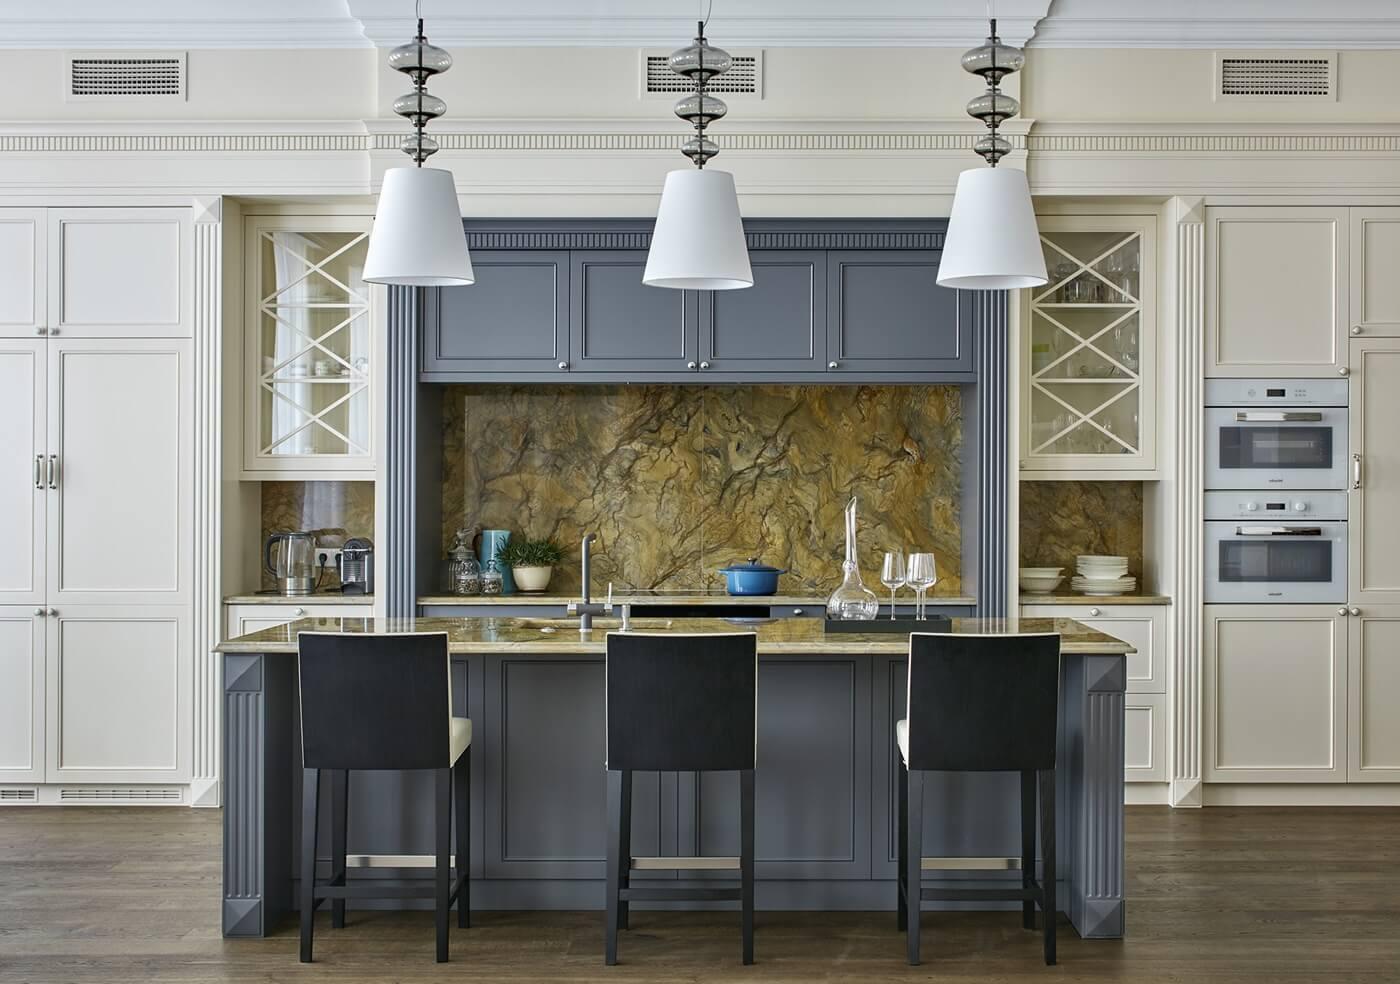 Выделение цветом фрагмента мебели на кухне в неоклассическом стиле